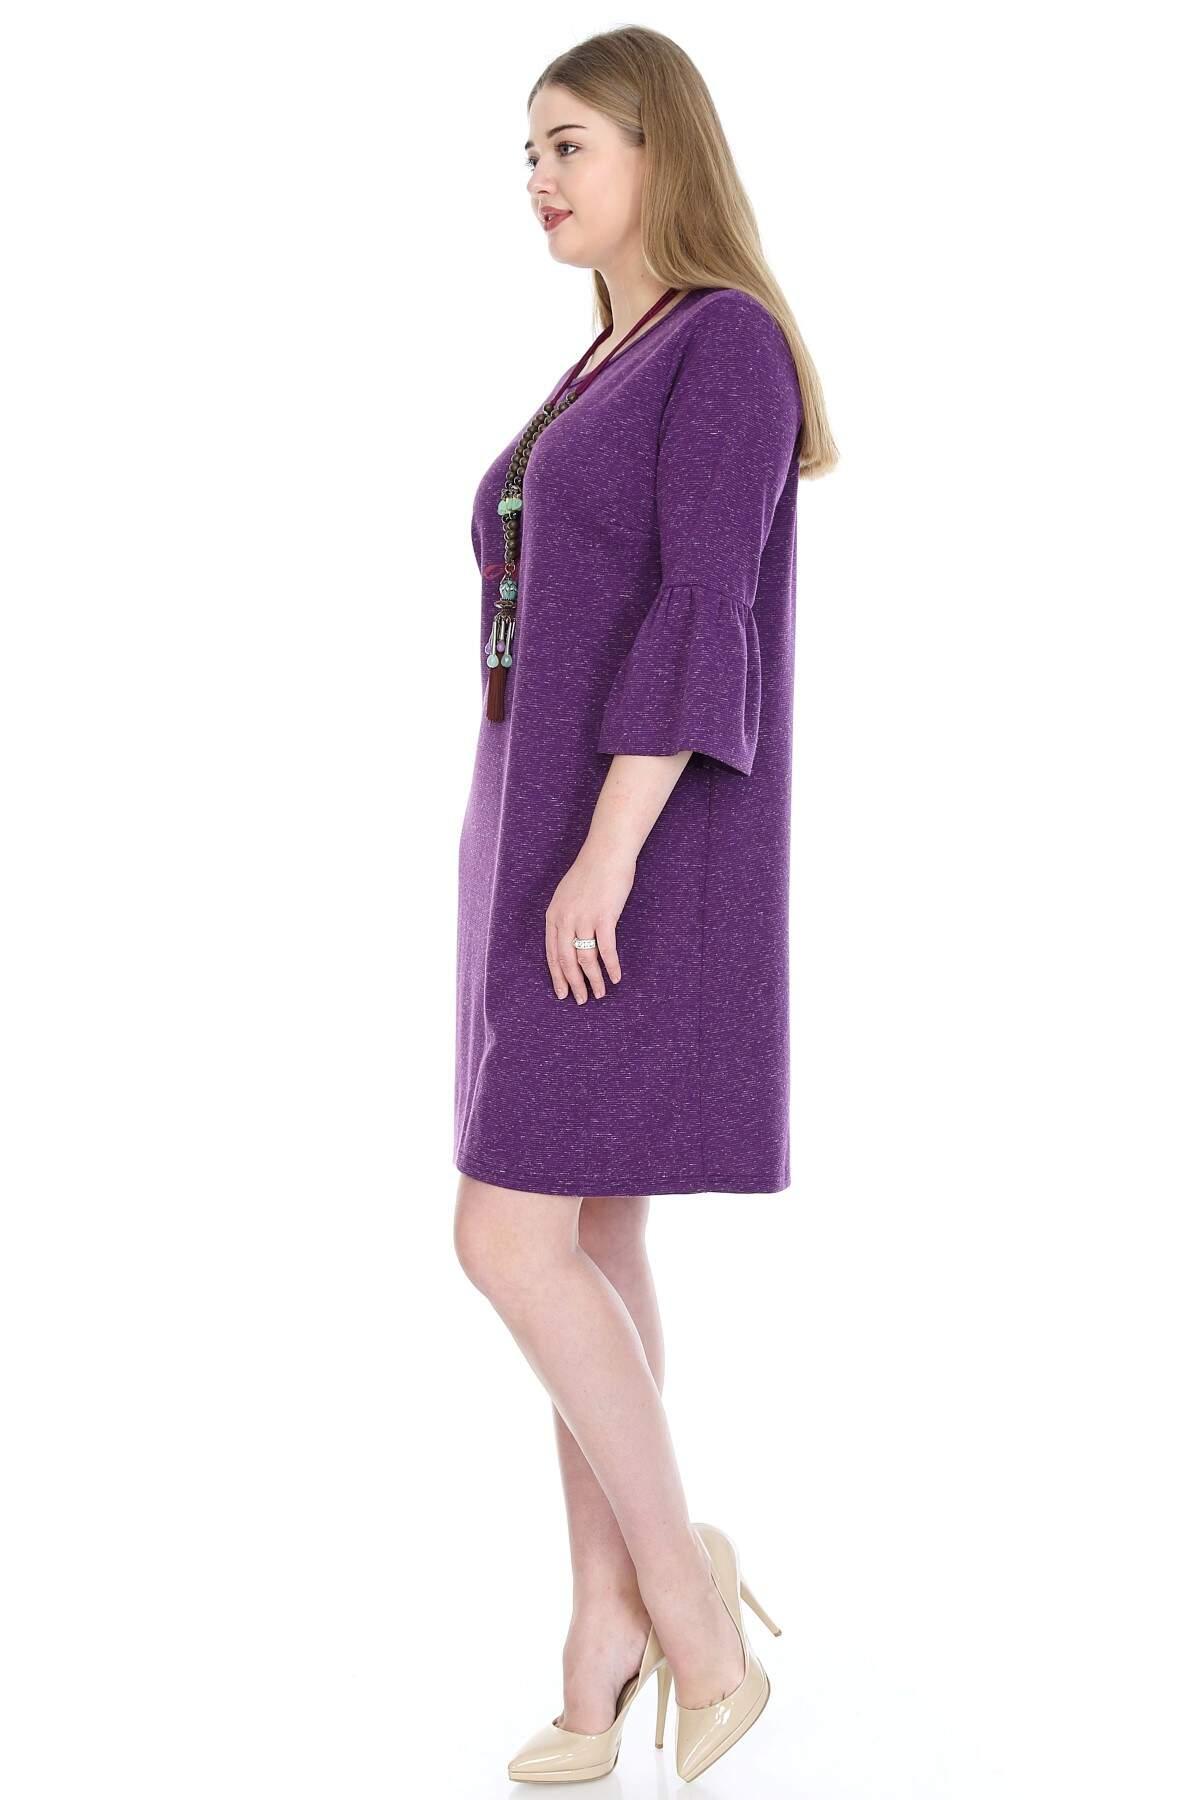 Büyük Beden Kampanyalı Elbise KL807-19krcmr